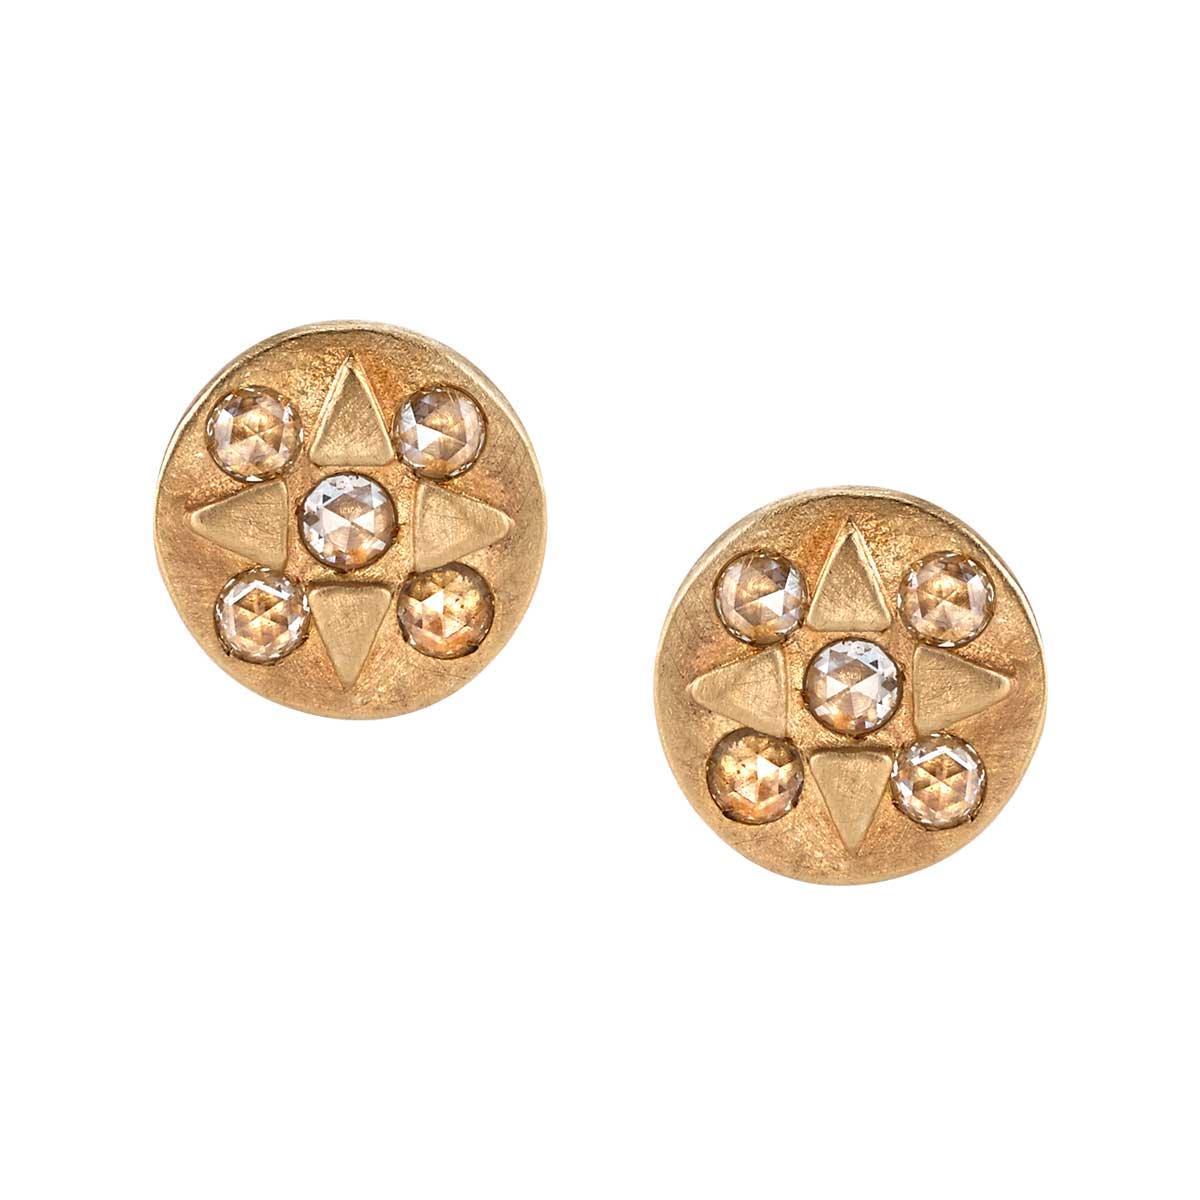 4-Pyramid-Diamond-Stud-Earrings-Order-#007-C2_4-2870537_Studs.jpg